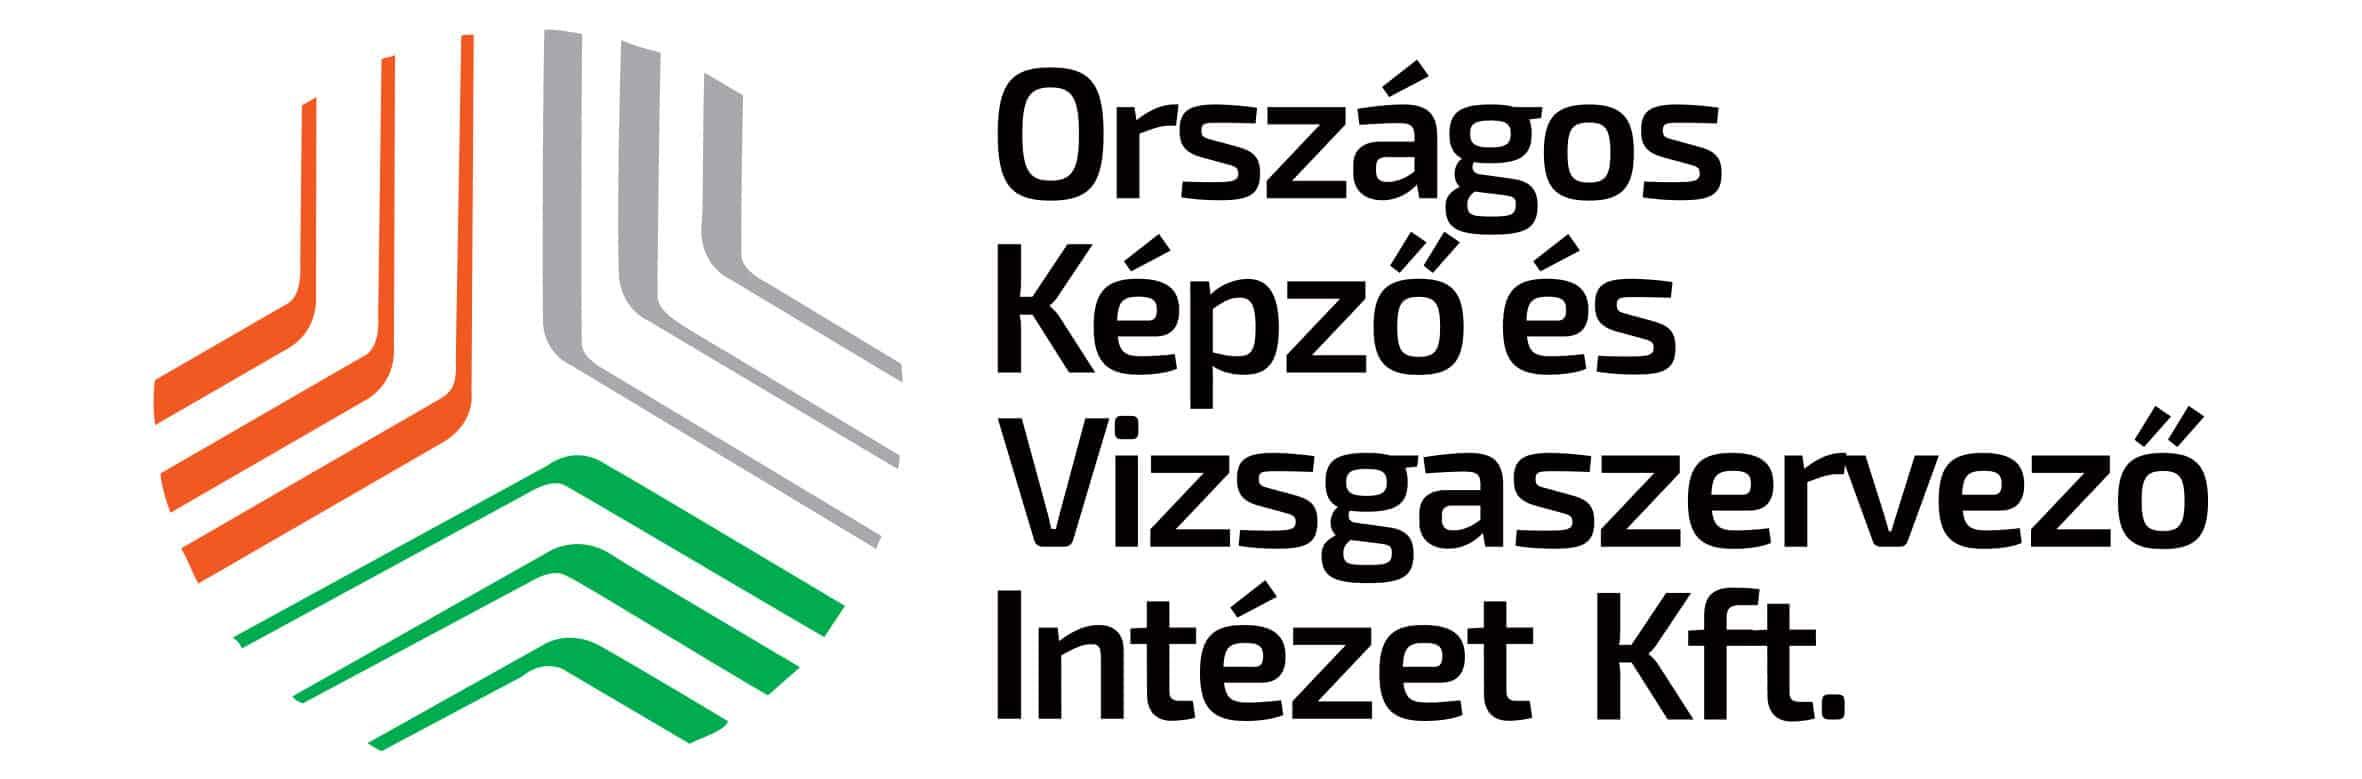 Országos Képző és Vizsgaszervező Intézet Kft.